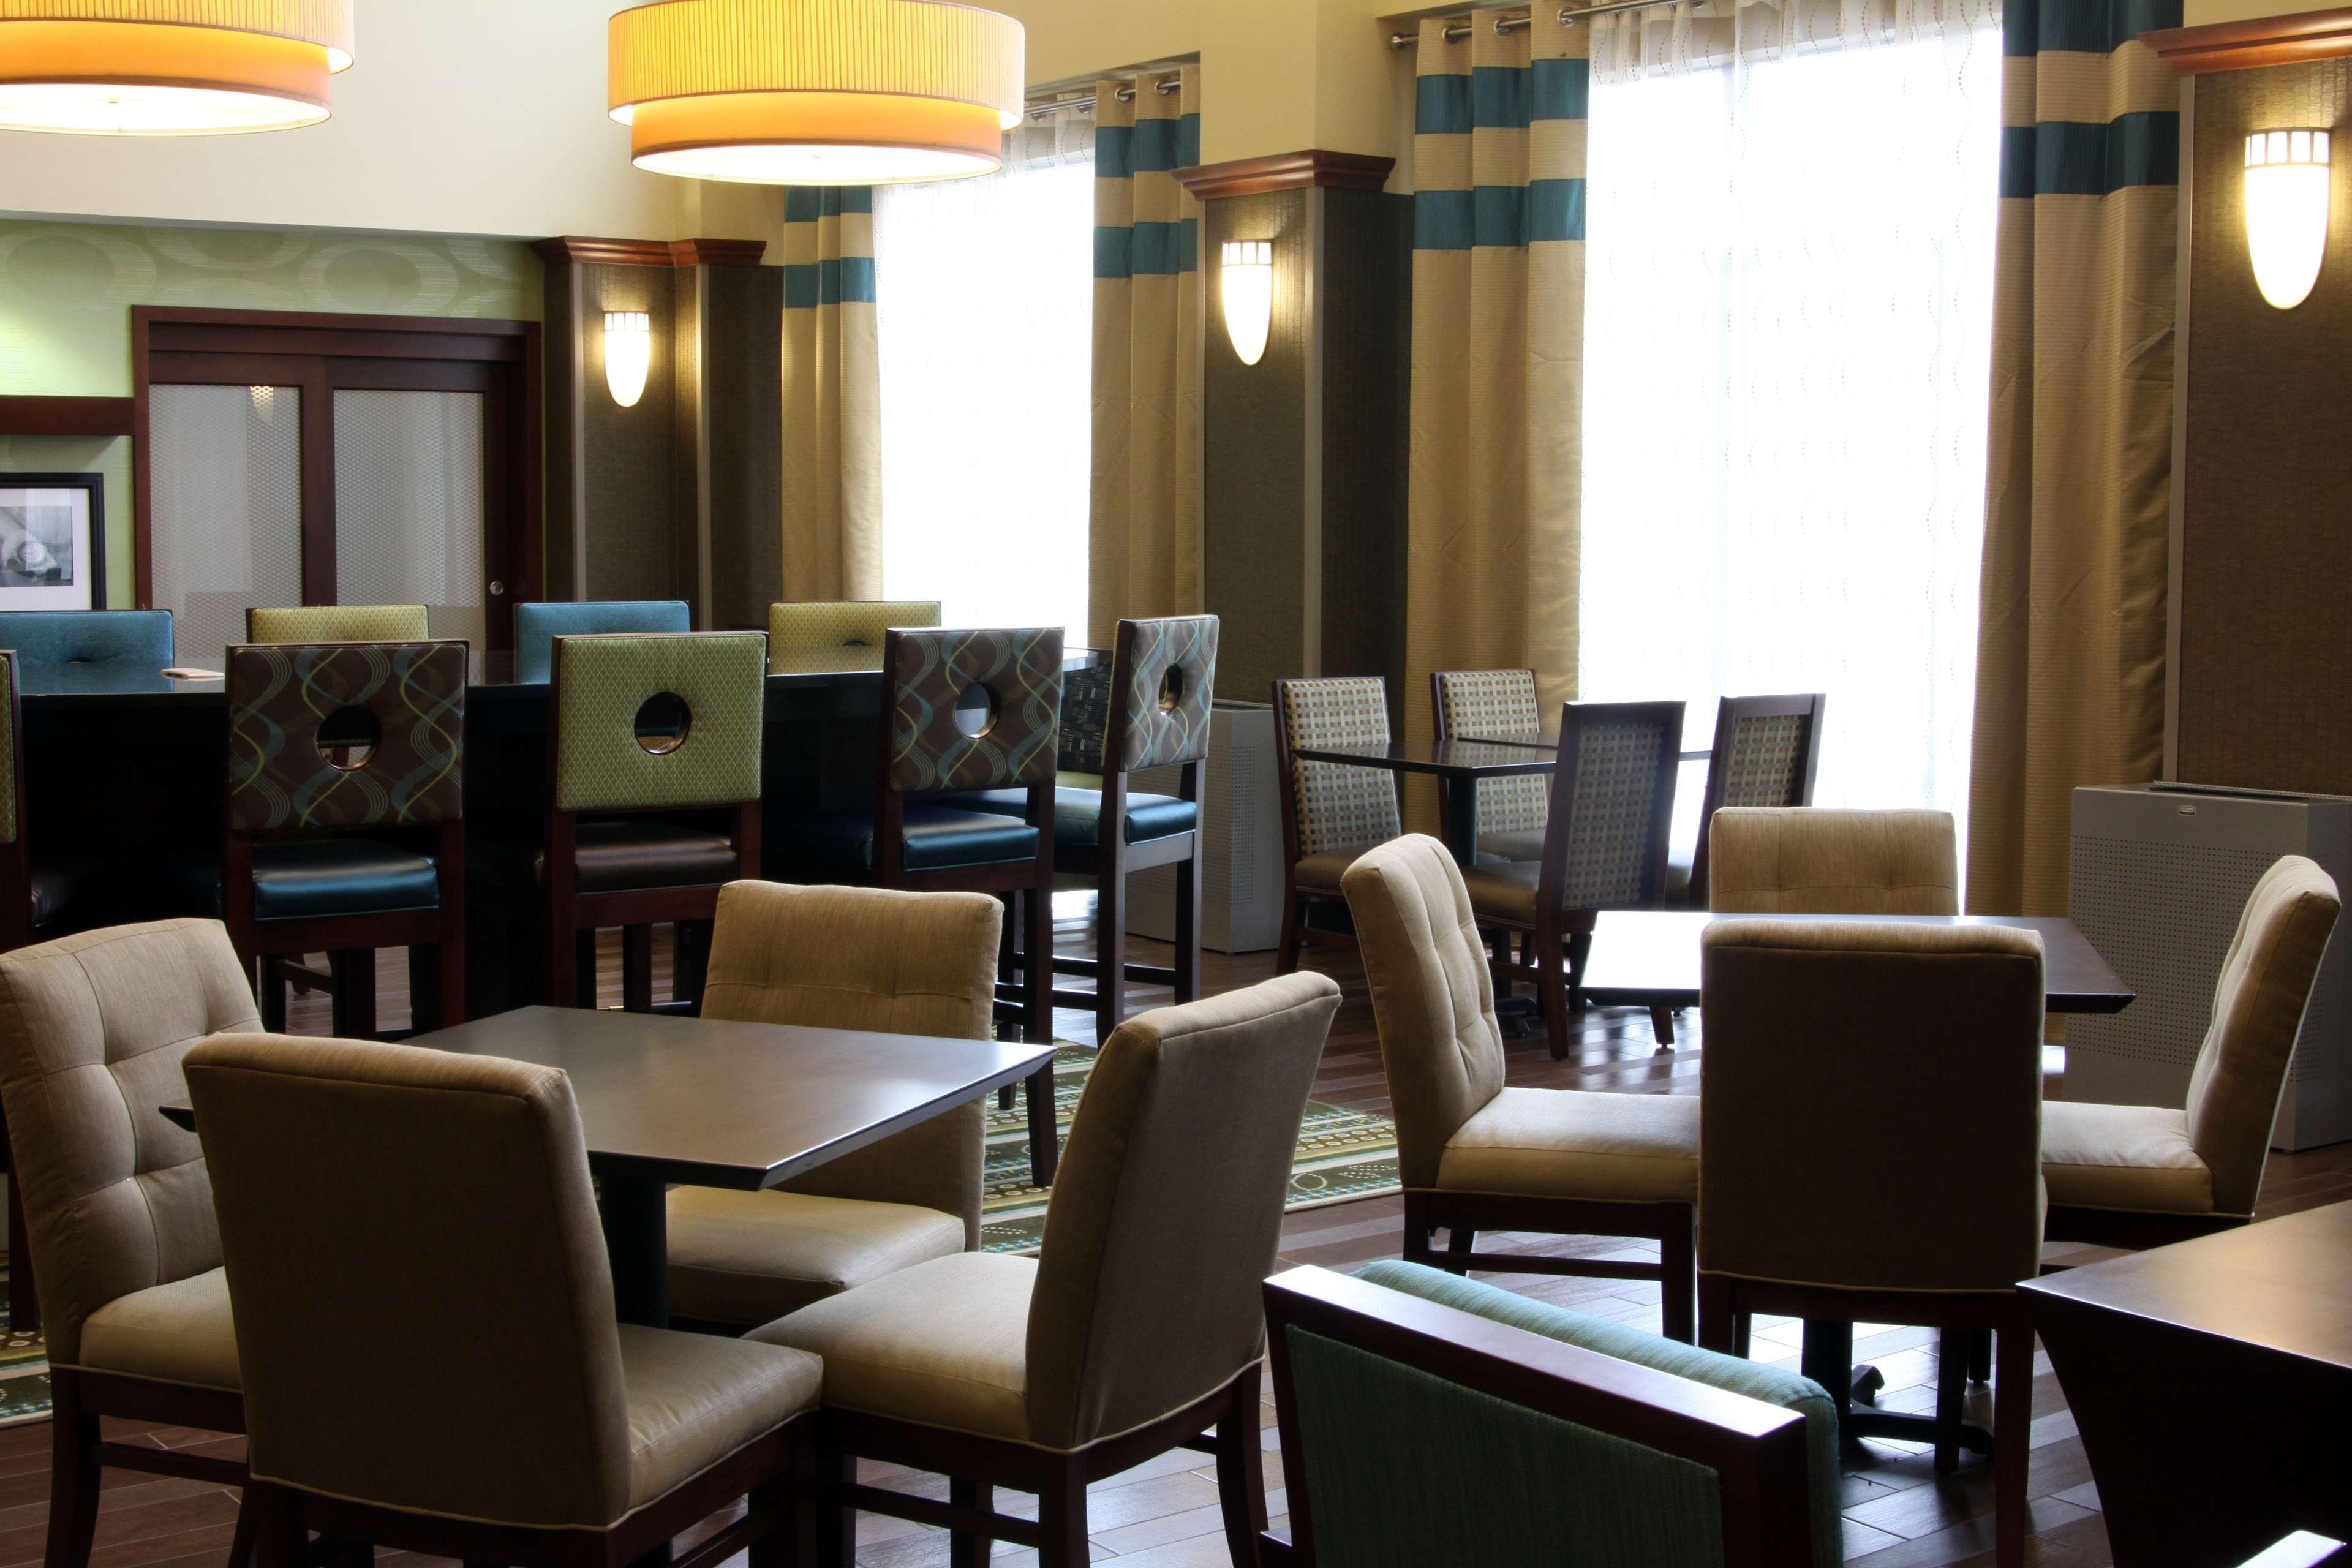 Hampton Inn & Suites Paducah image 9